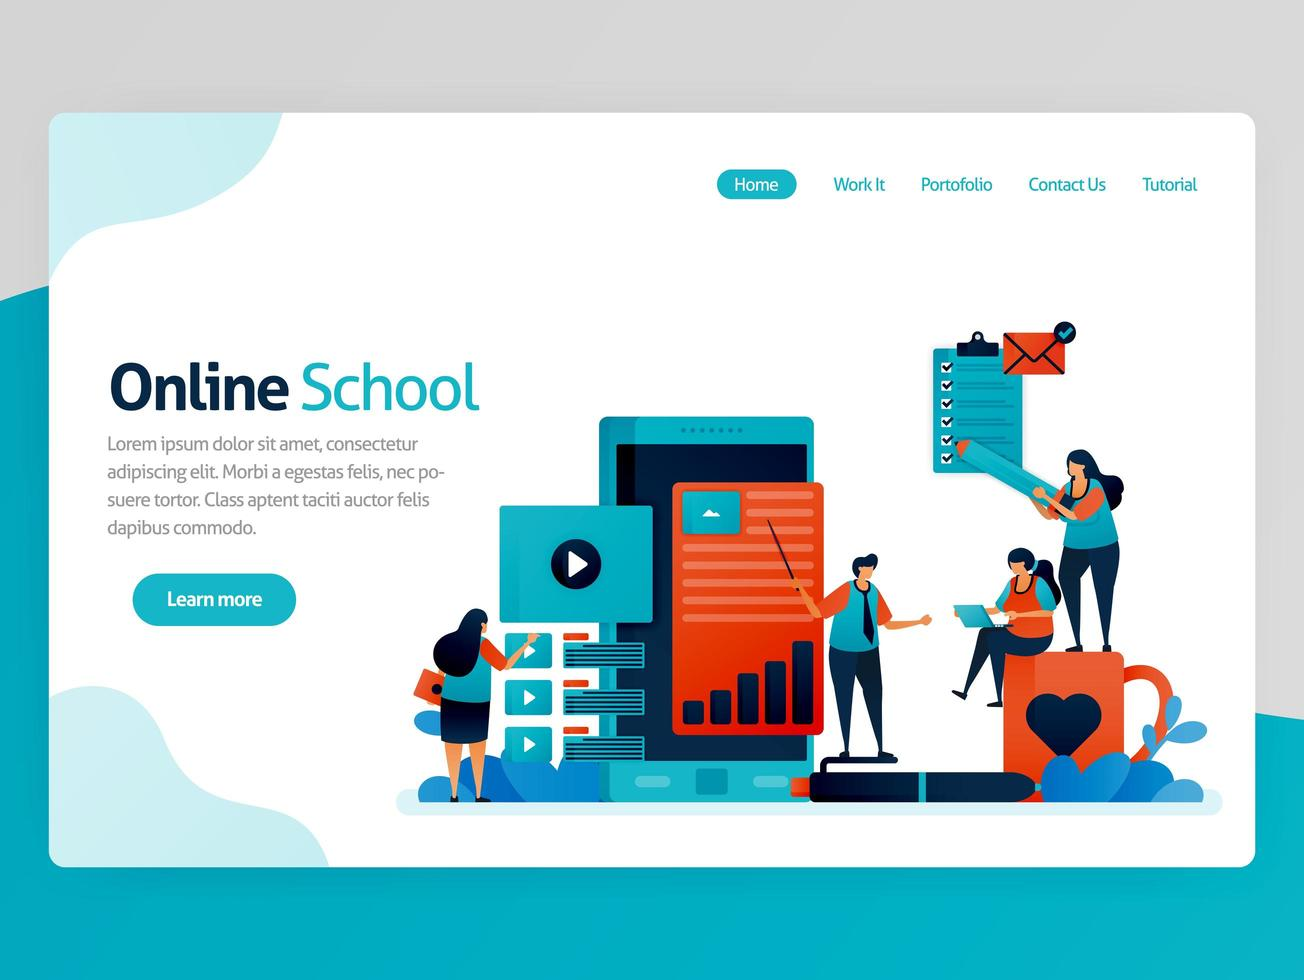 vectorillustratie voor de bestemmingspagina van de online school. mobiele apps voor onderwijs en leren. videozelfstudie, online klaslokaal, webinarles, afstandsonderwijs. homepage koptekst webpagina sjabloon apps vector